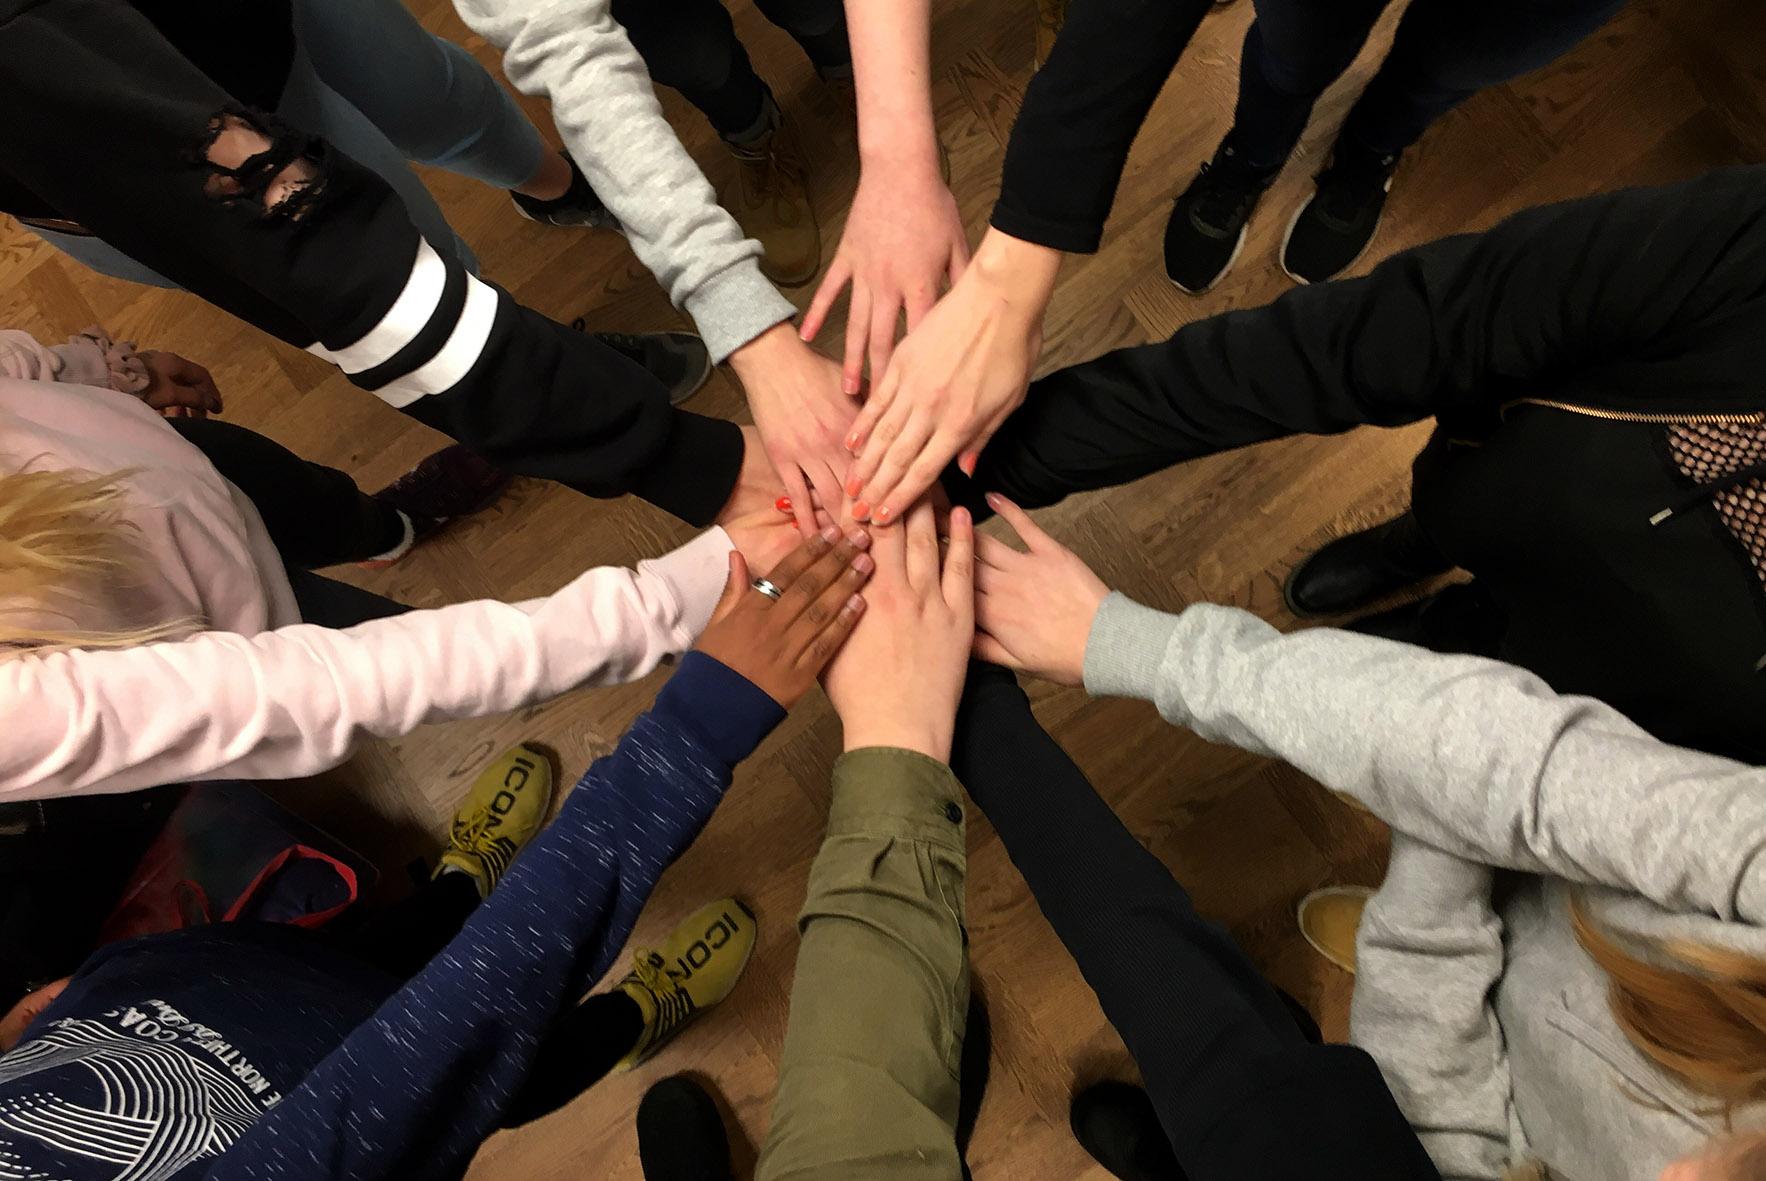 Ringissä seisovien nuorten kädet yhteen ojennettuina.